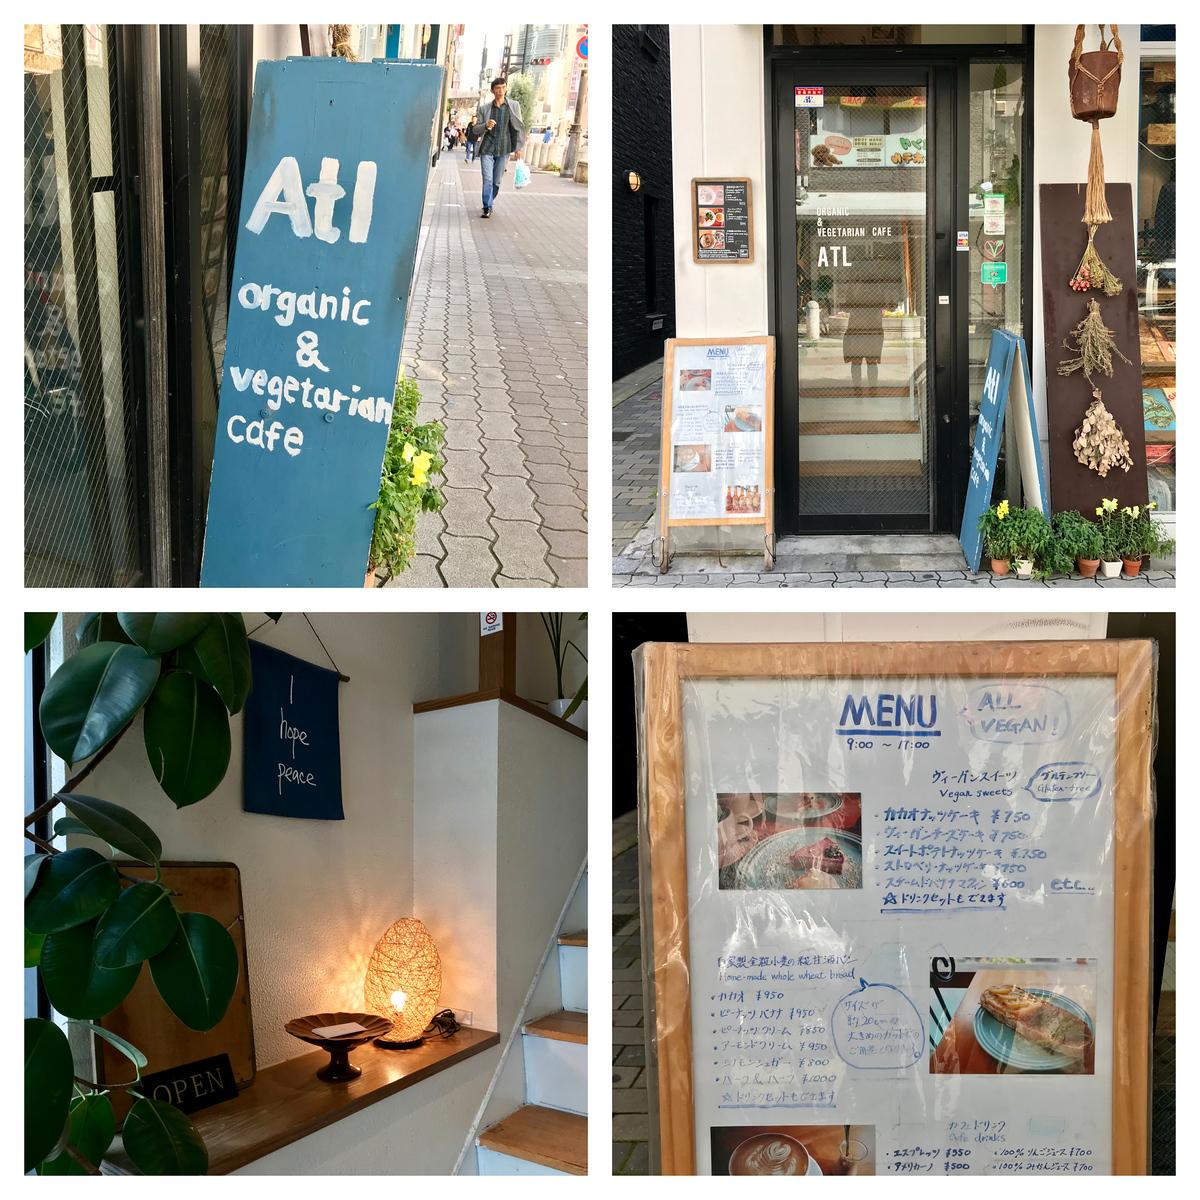 Organic & Vegetarian Cafe Atl